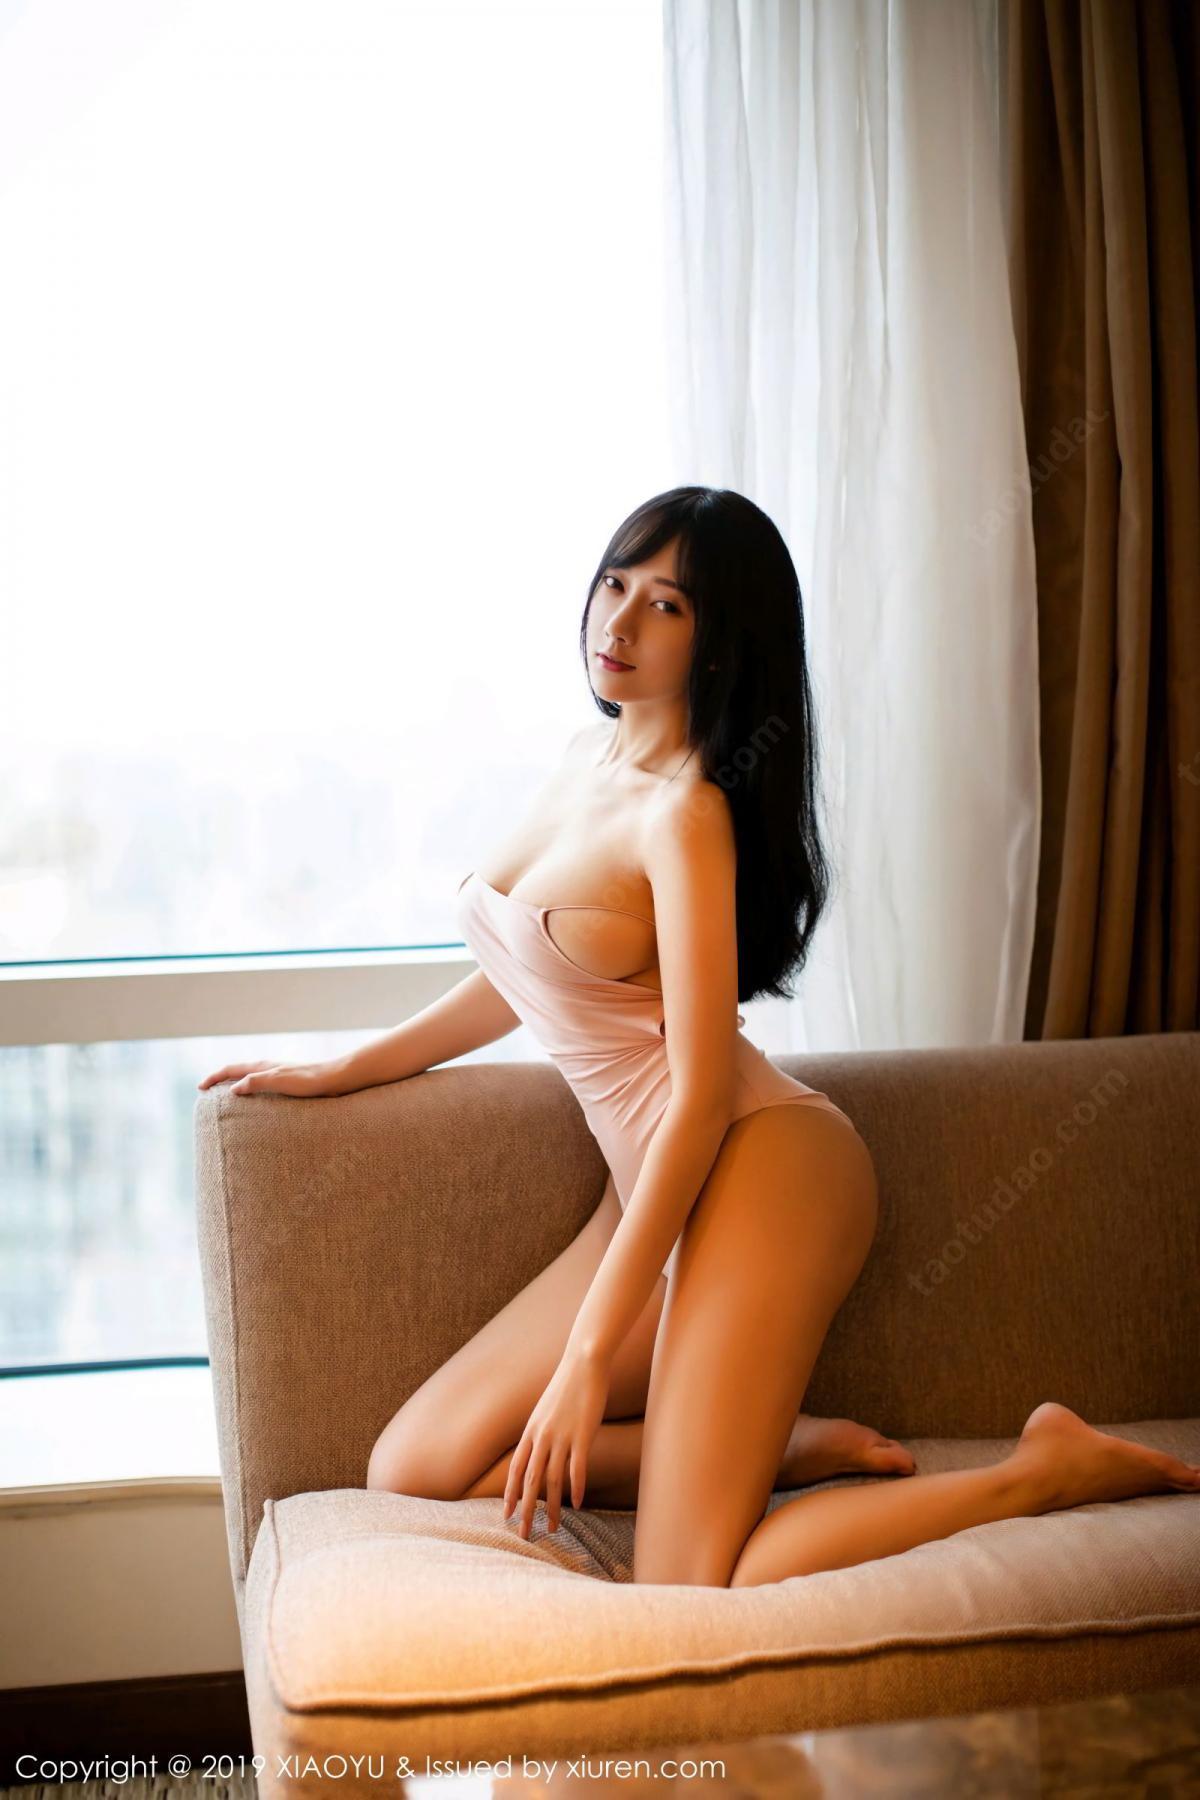 [XiaoYu] Vol.097 He Jia Ying 35P, He Jia Ying, Tall, XiaoYu